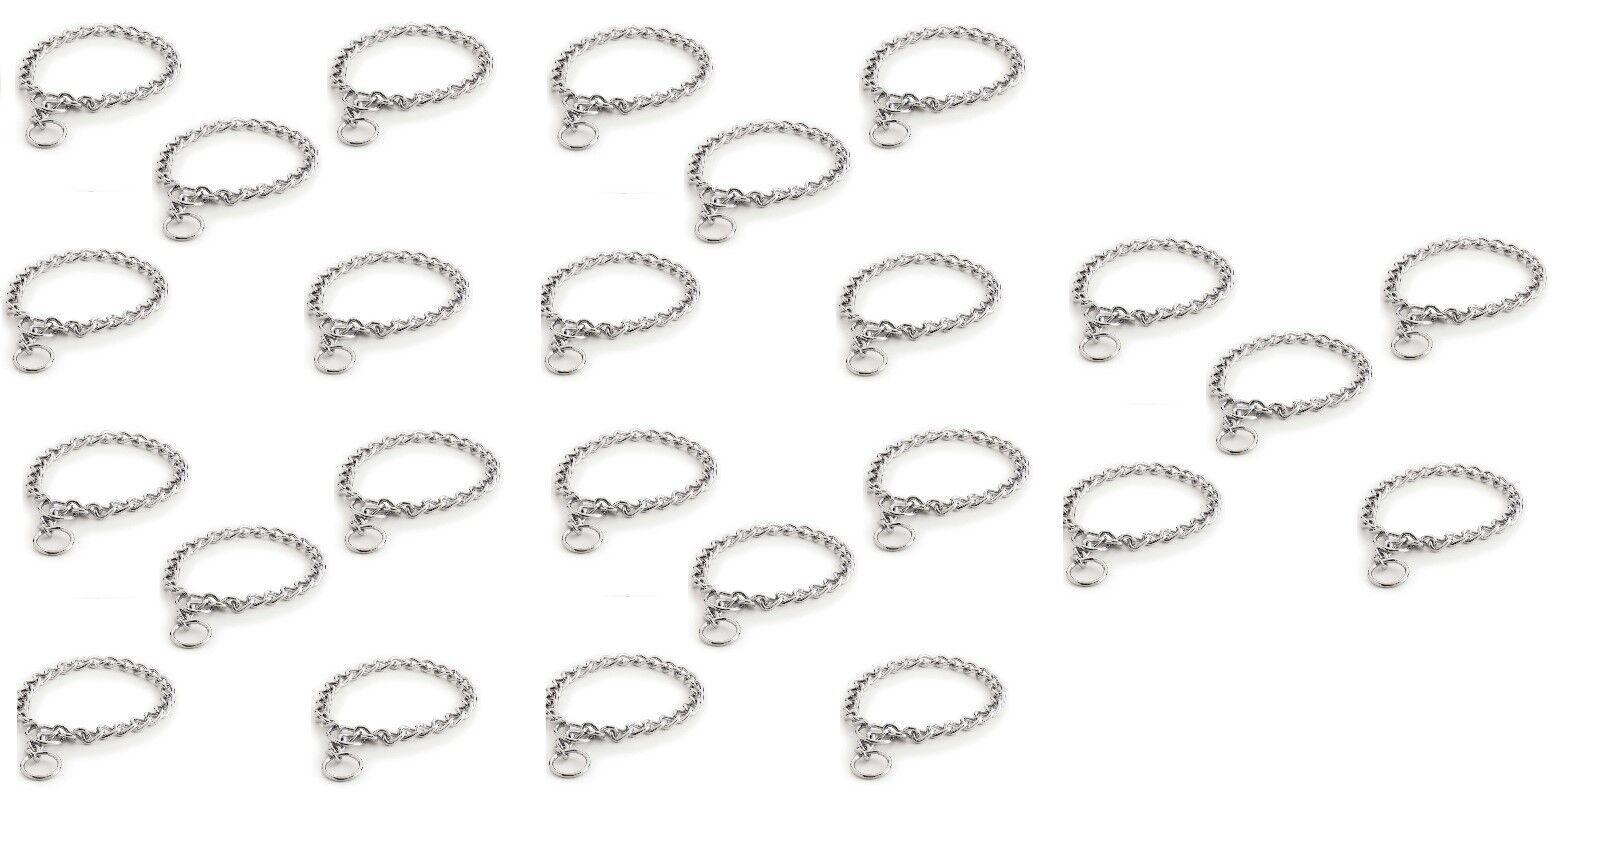 Catena Cane Collare Collare Collare Inox Bulk Confezioni extra Forte 4mm 76.2cm Scegliere 5f79a1